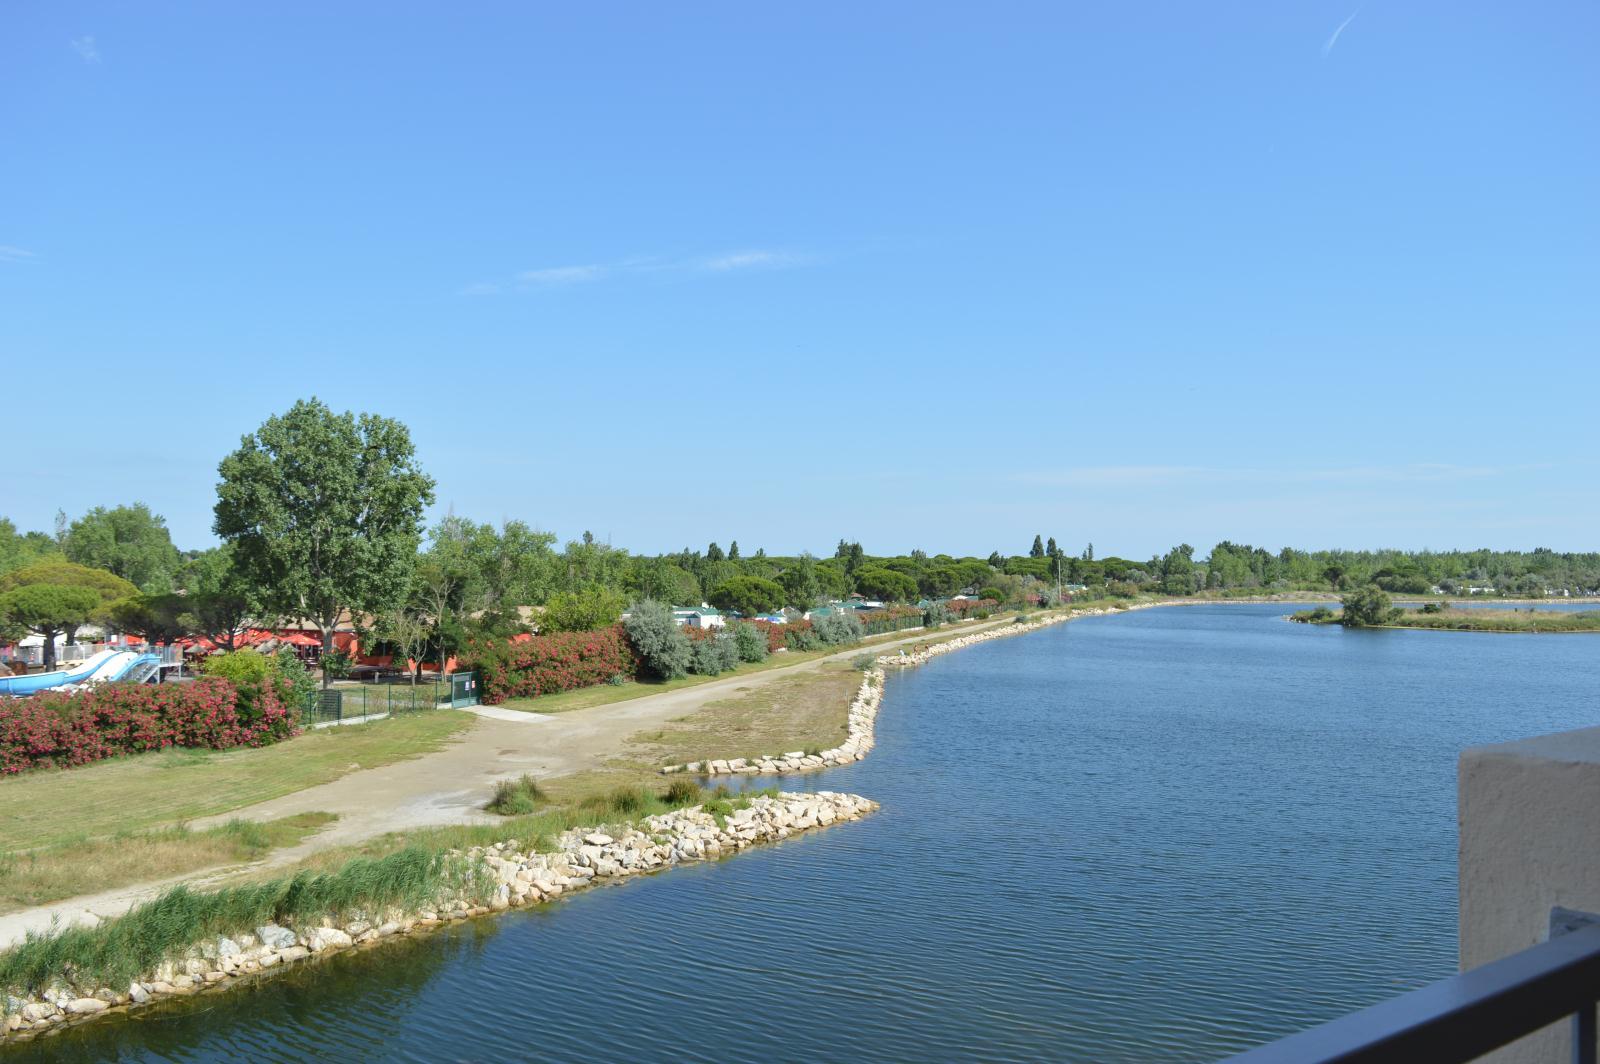 Location les rives du lac location vacances port camargue for Lac salonique grau du roi